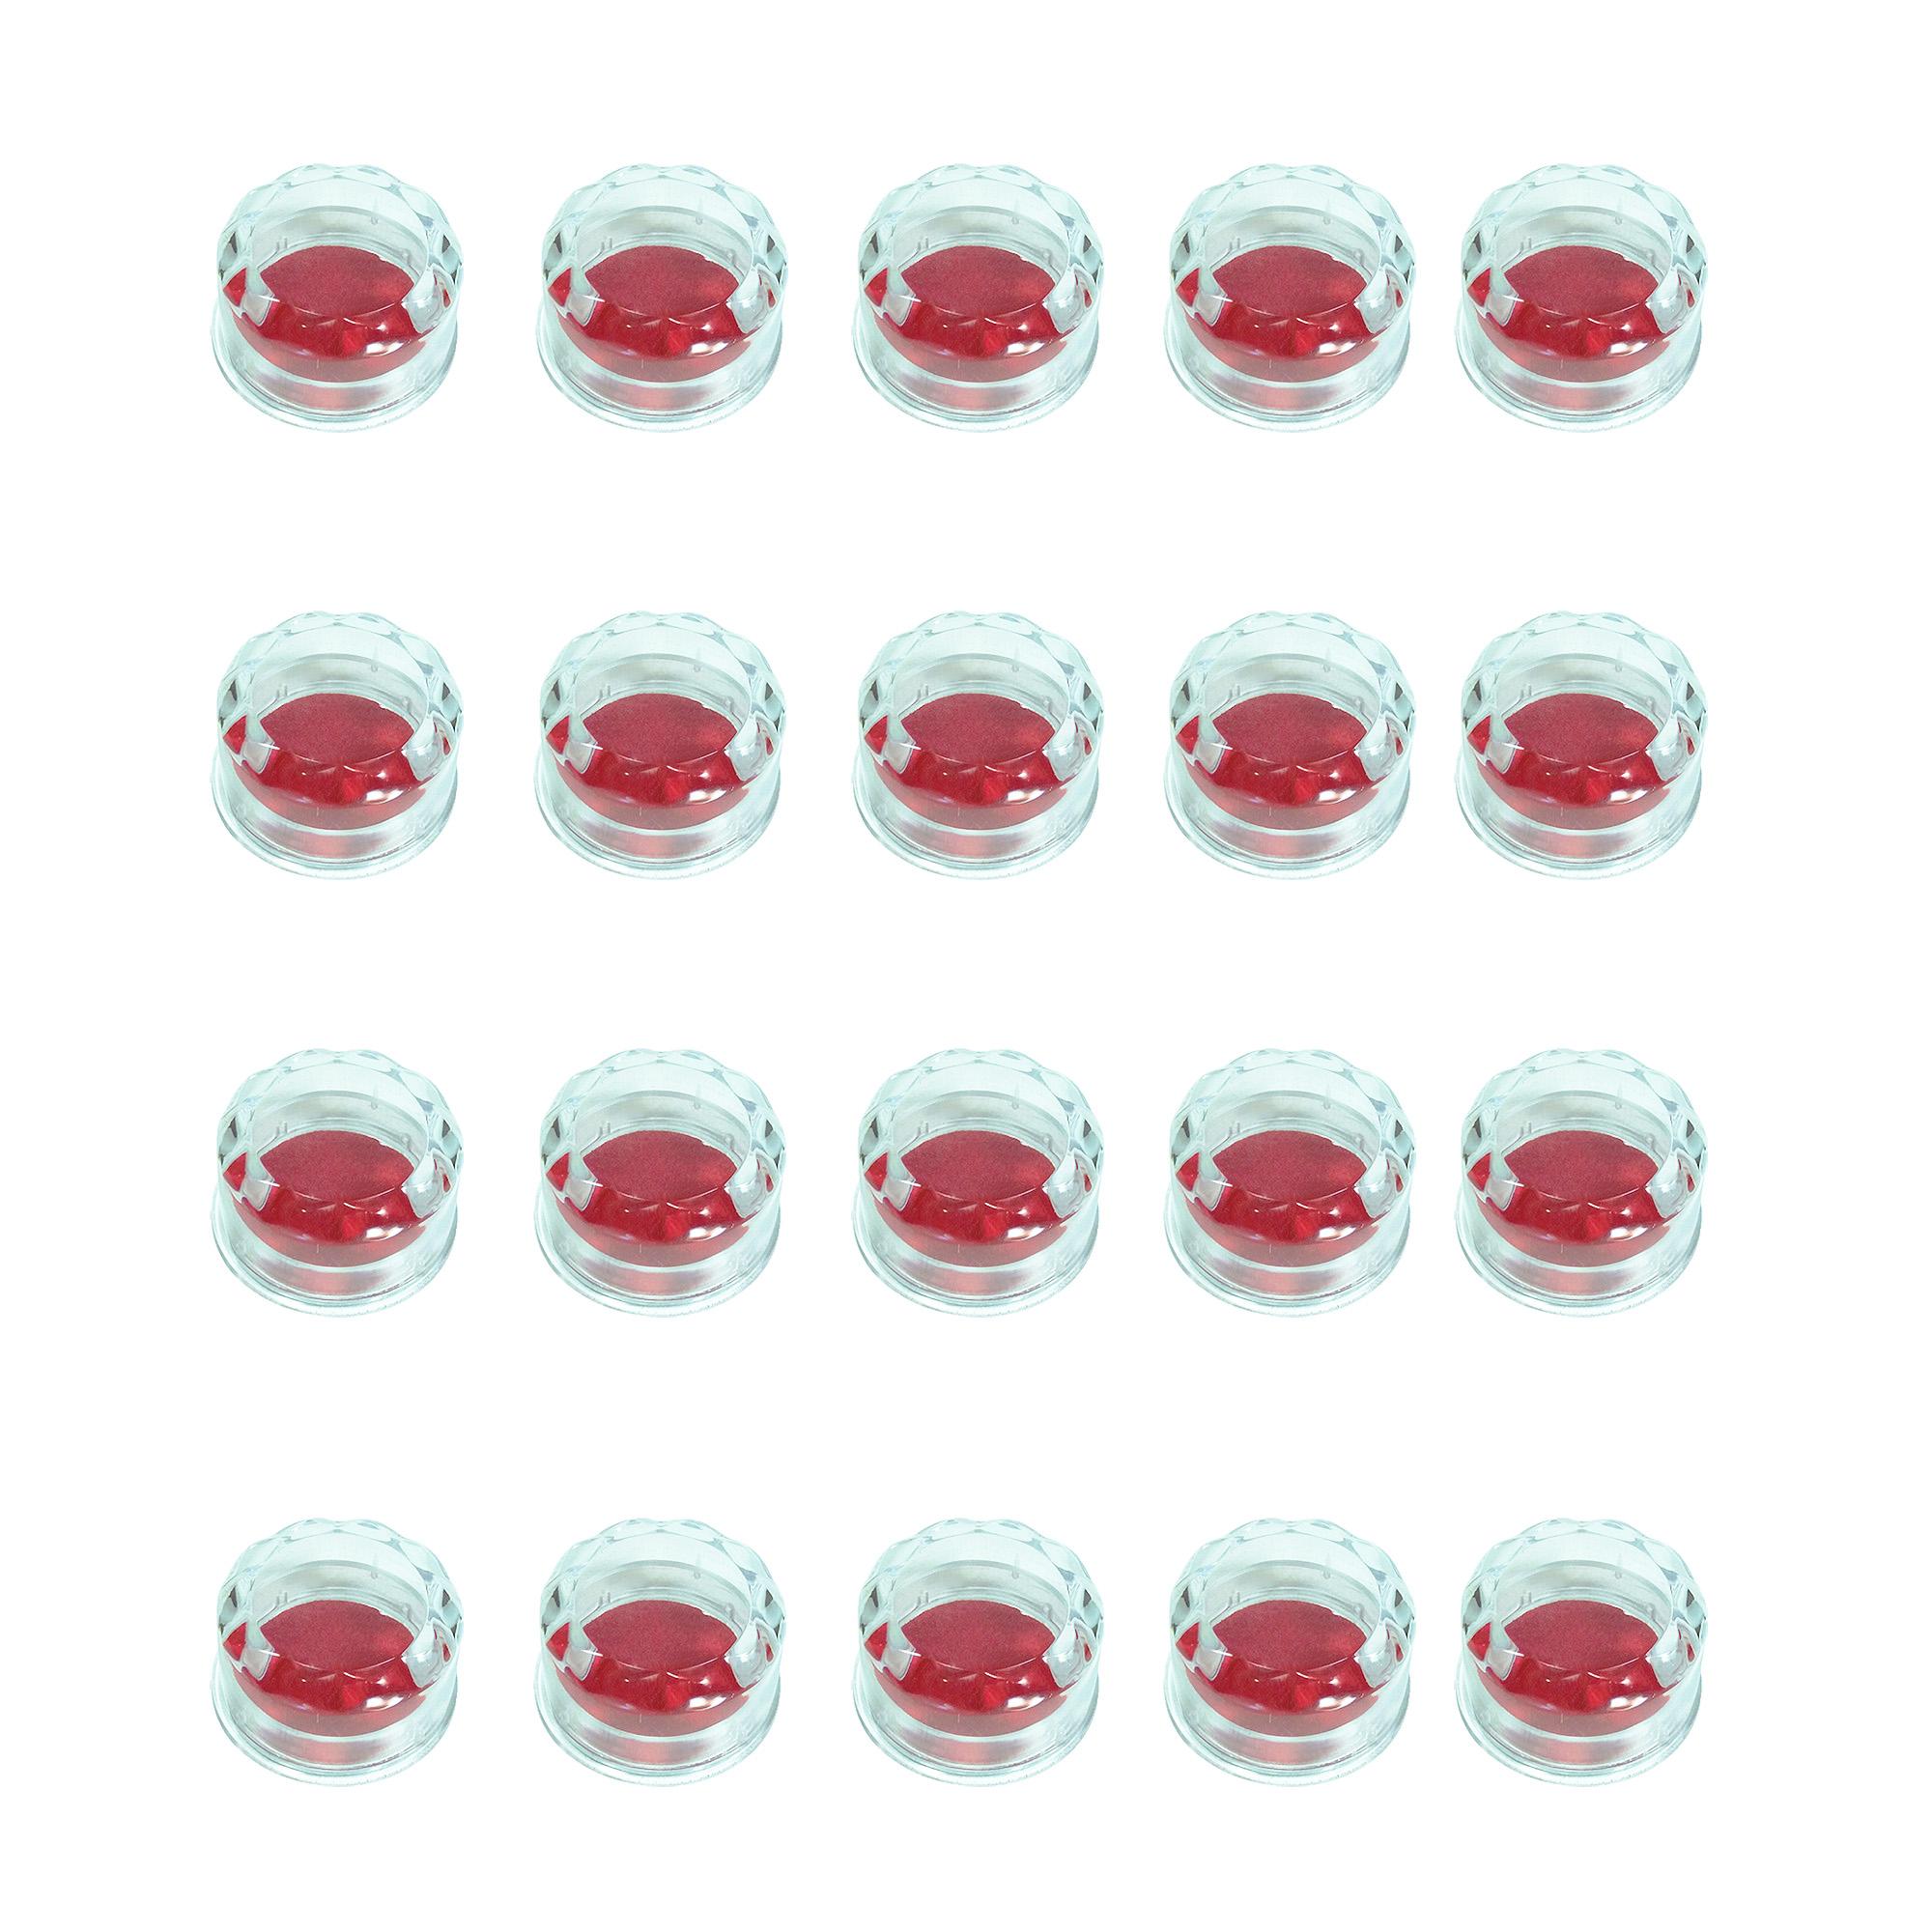 نظم دهنده ماسوره خیاطی کد NG7001 بسته 12 عددی